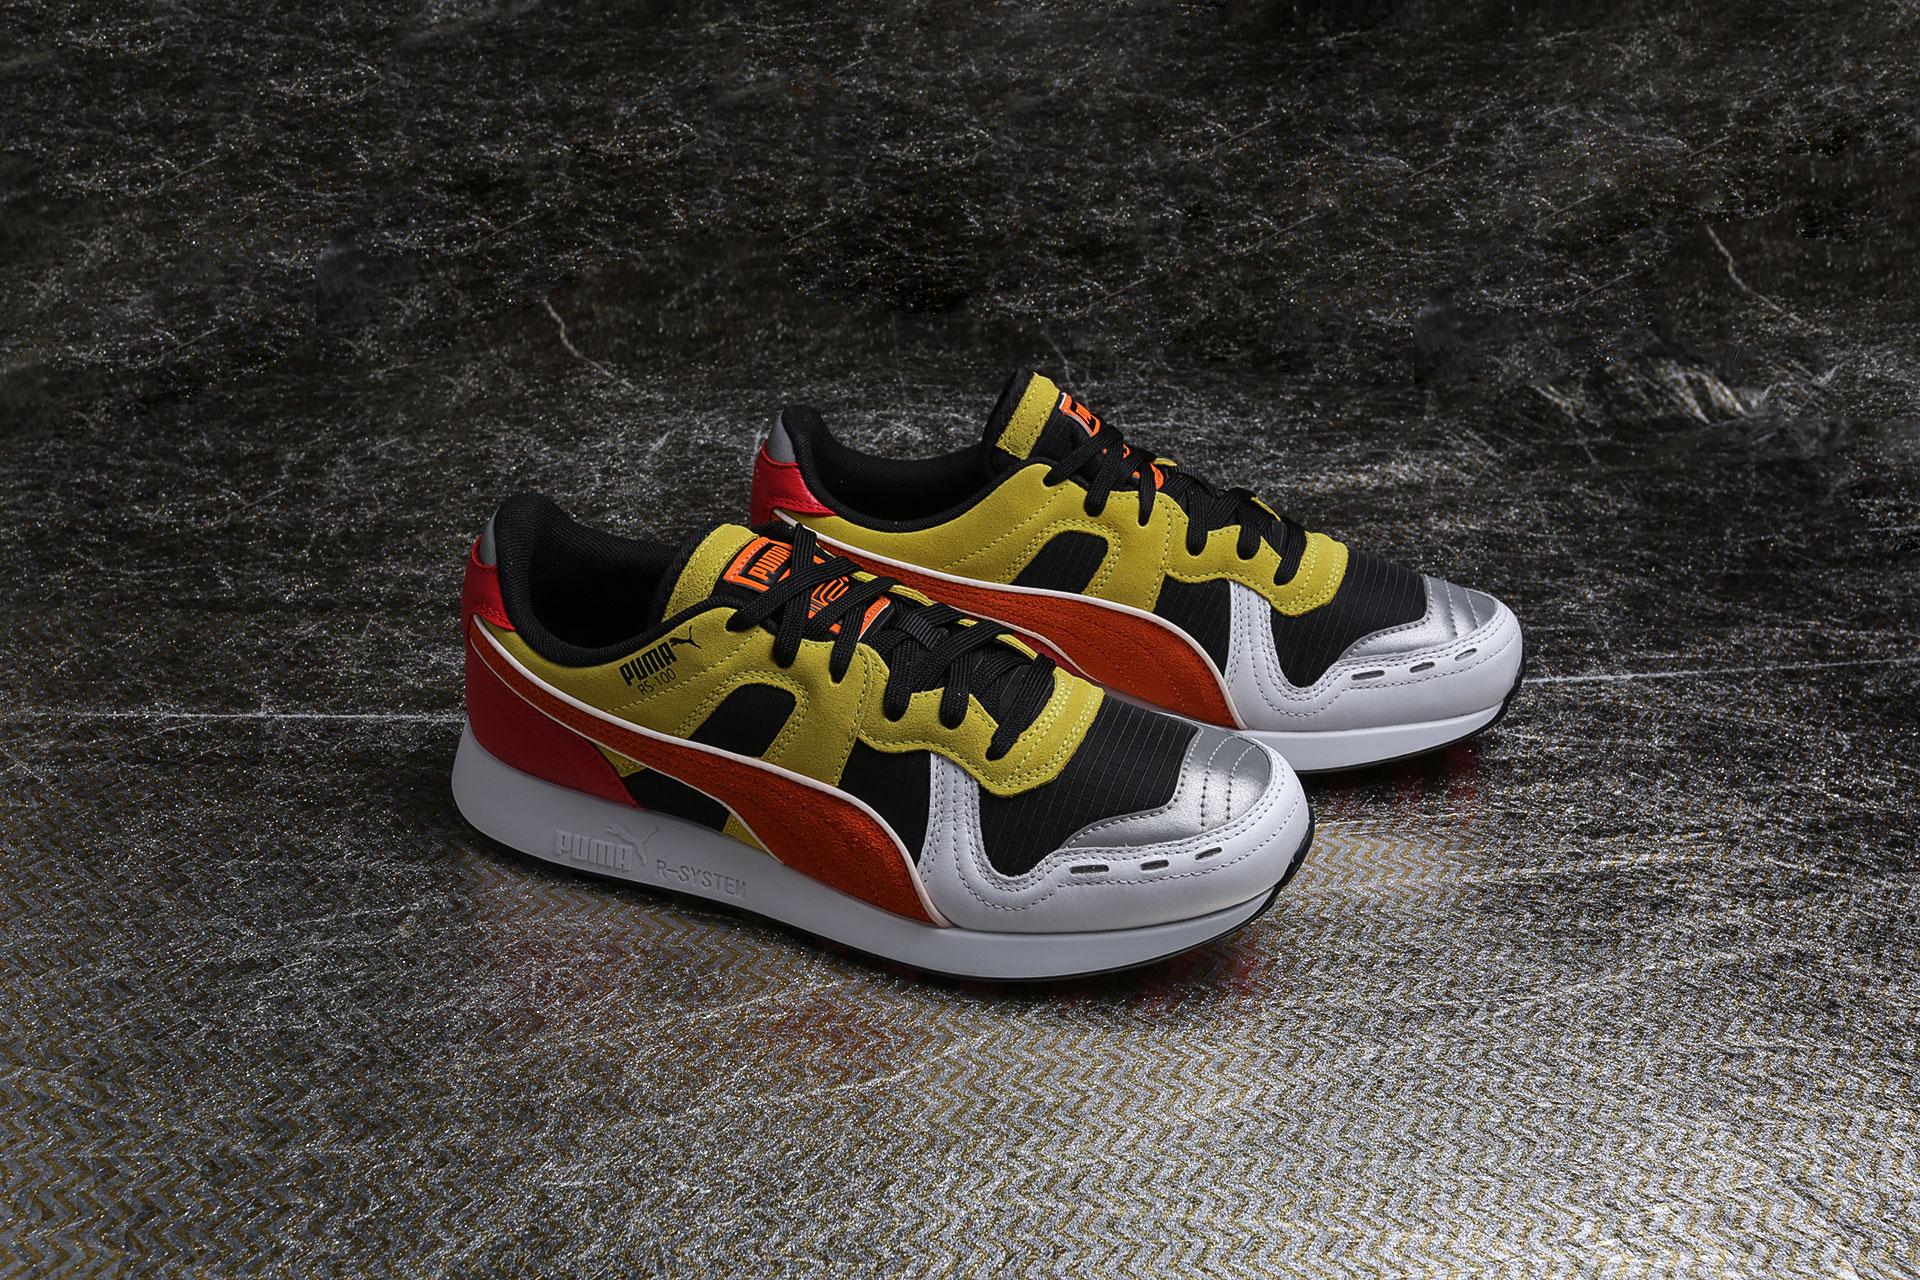 Купить мультиколые мужские кроссовки RS-100 x Roland от Puma ... 02ef090f2eee6